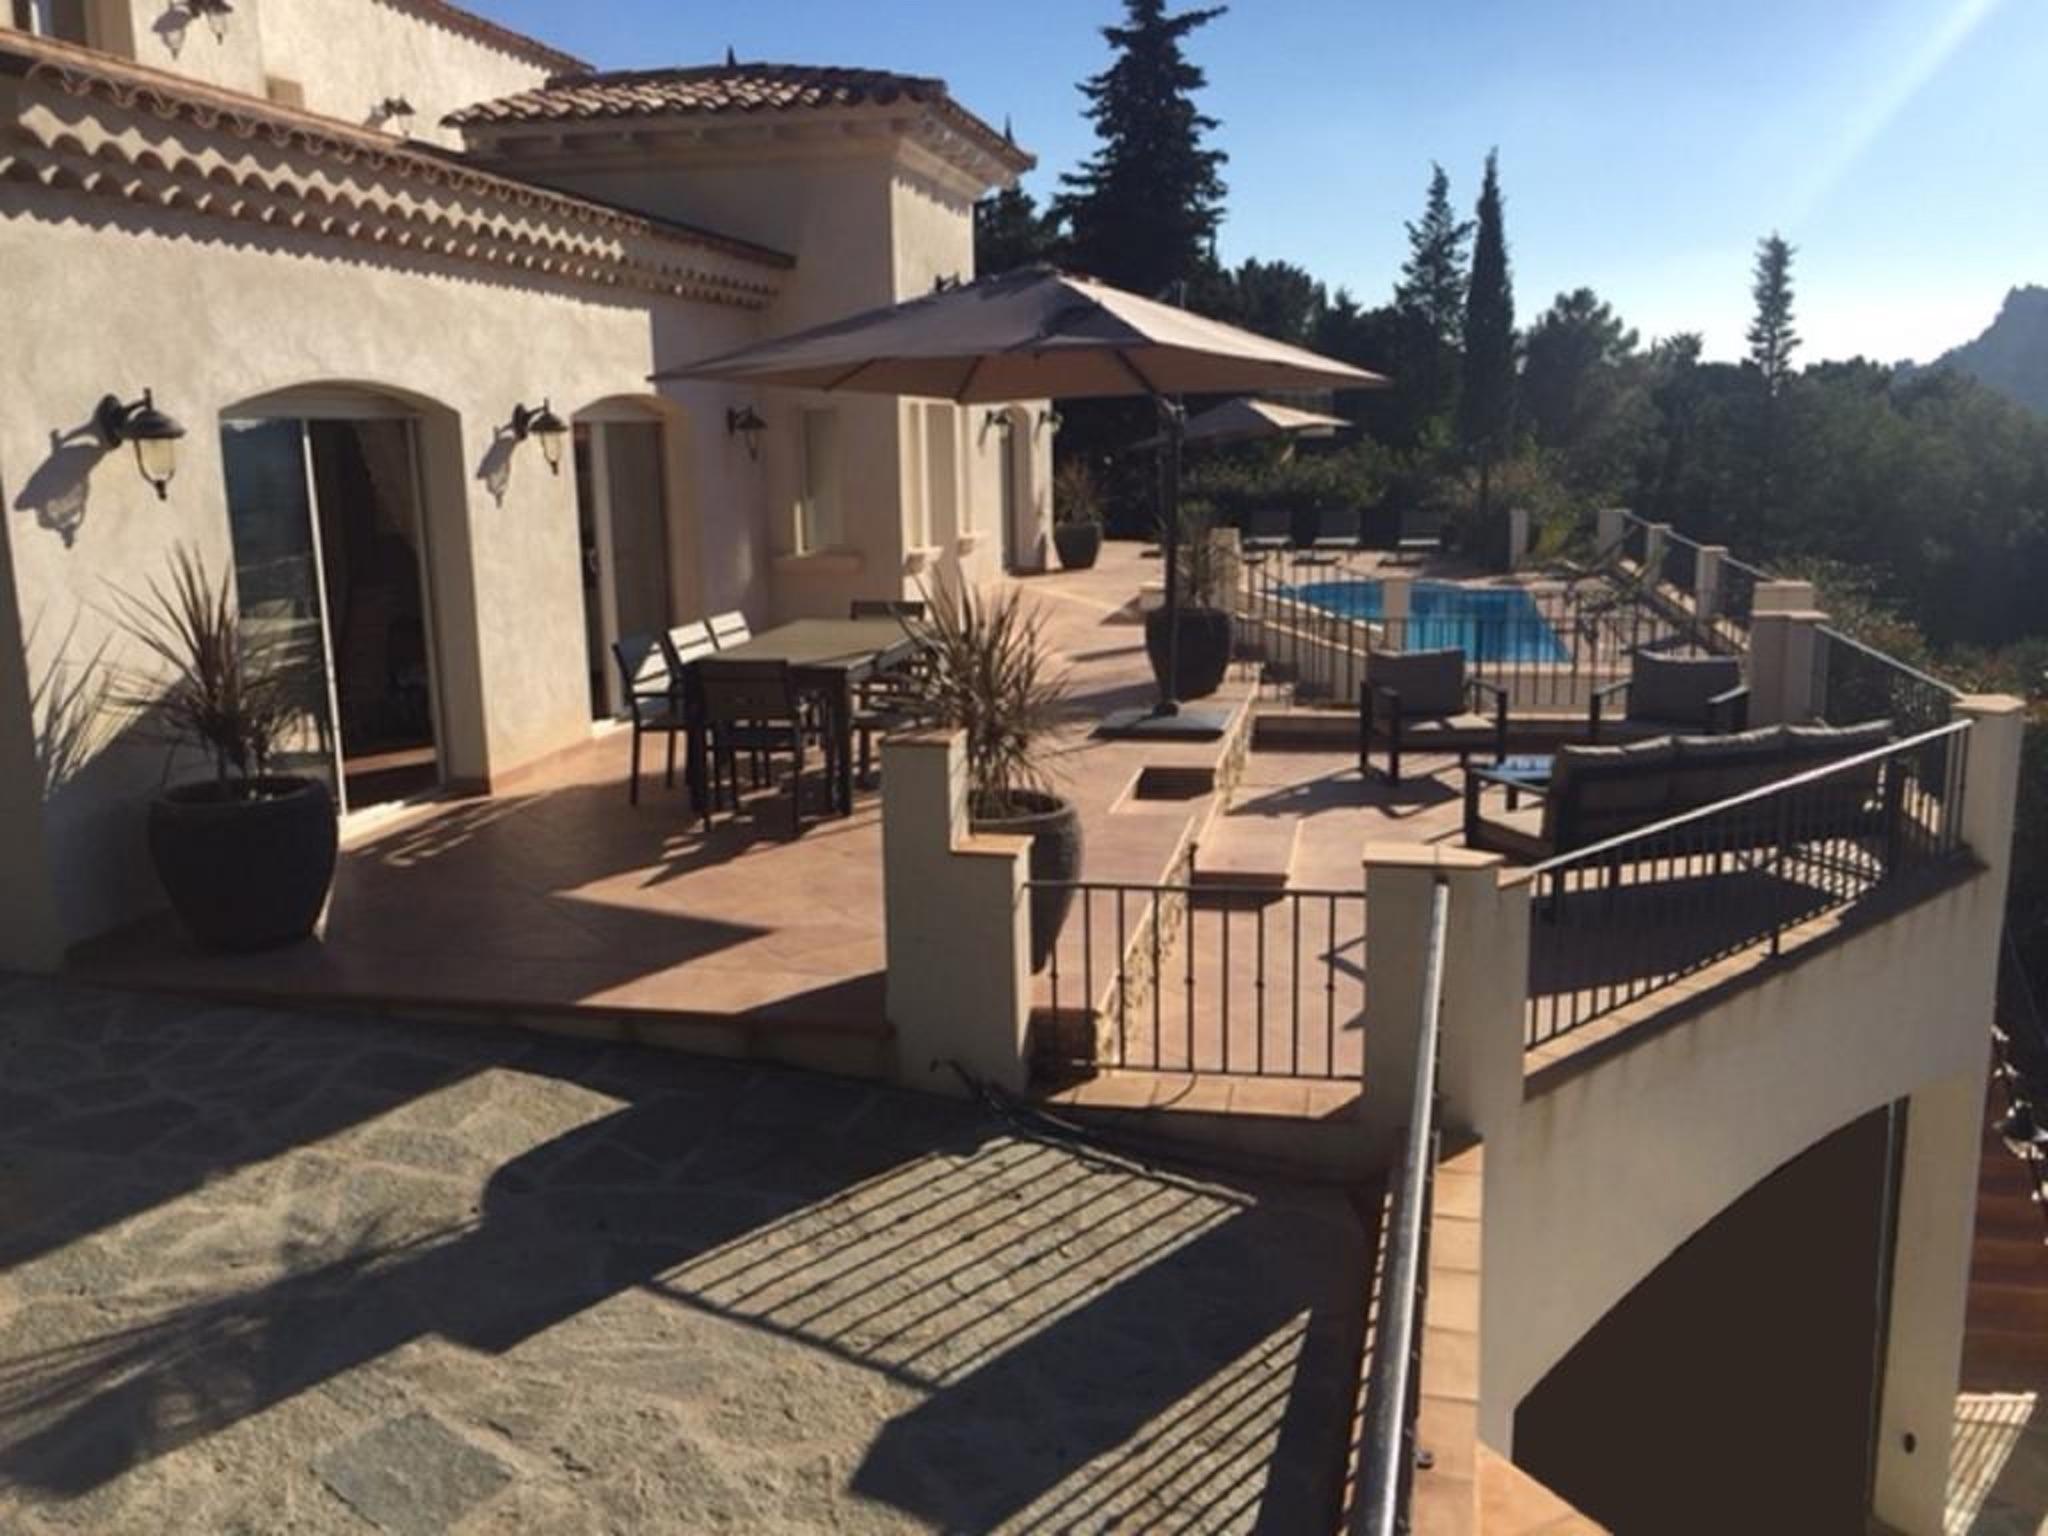 Maison de vacances Villa mit 5 Schlafzimmern in Rayol-Canadel-sur-Mer mit toller Aussicht auf die Berge, priv (2201555), Le Lavandou, Côte d'Azur, Provence - Alpes - Côte d'Azur, France, image 2